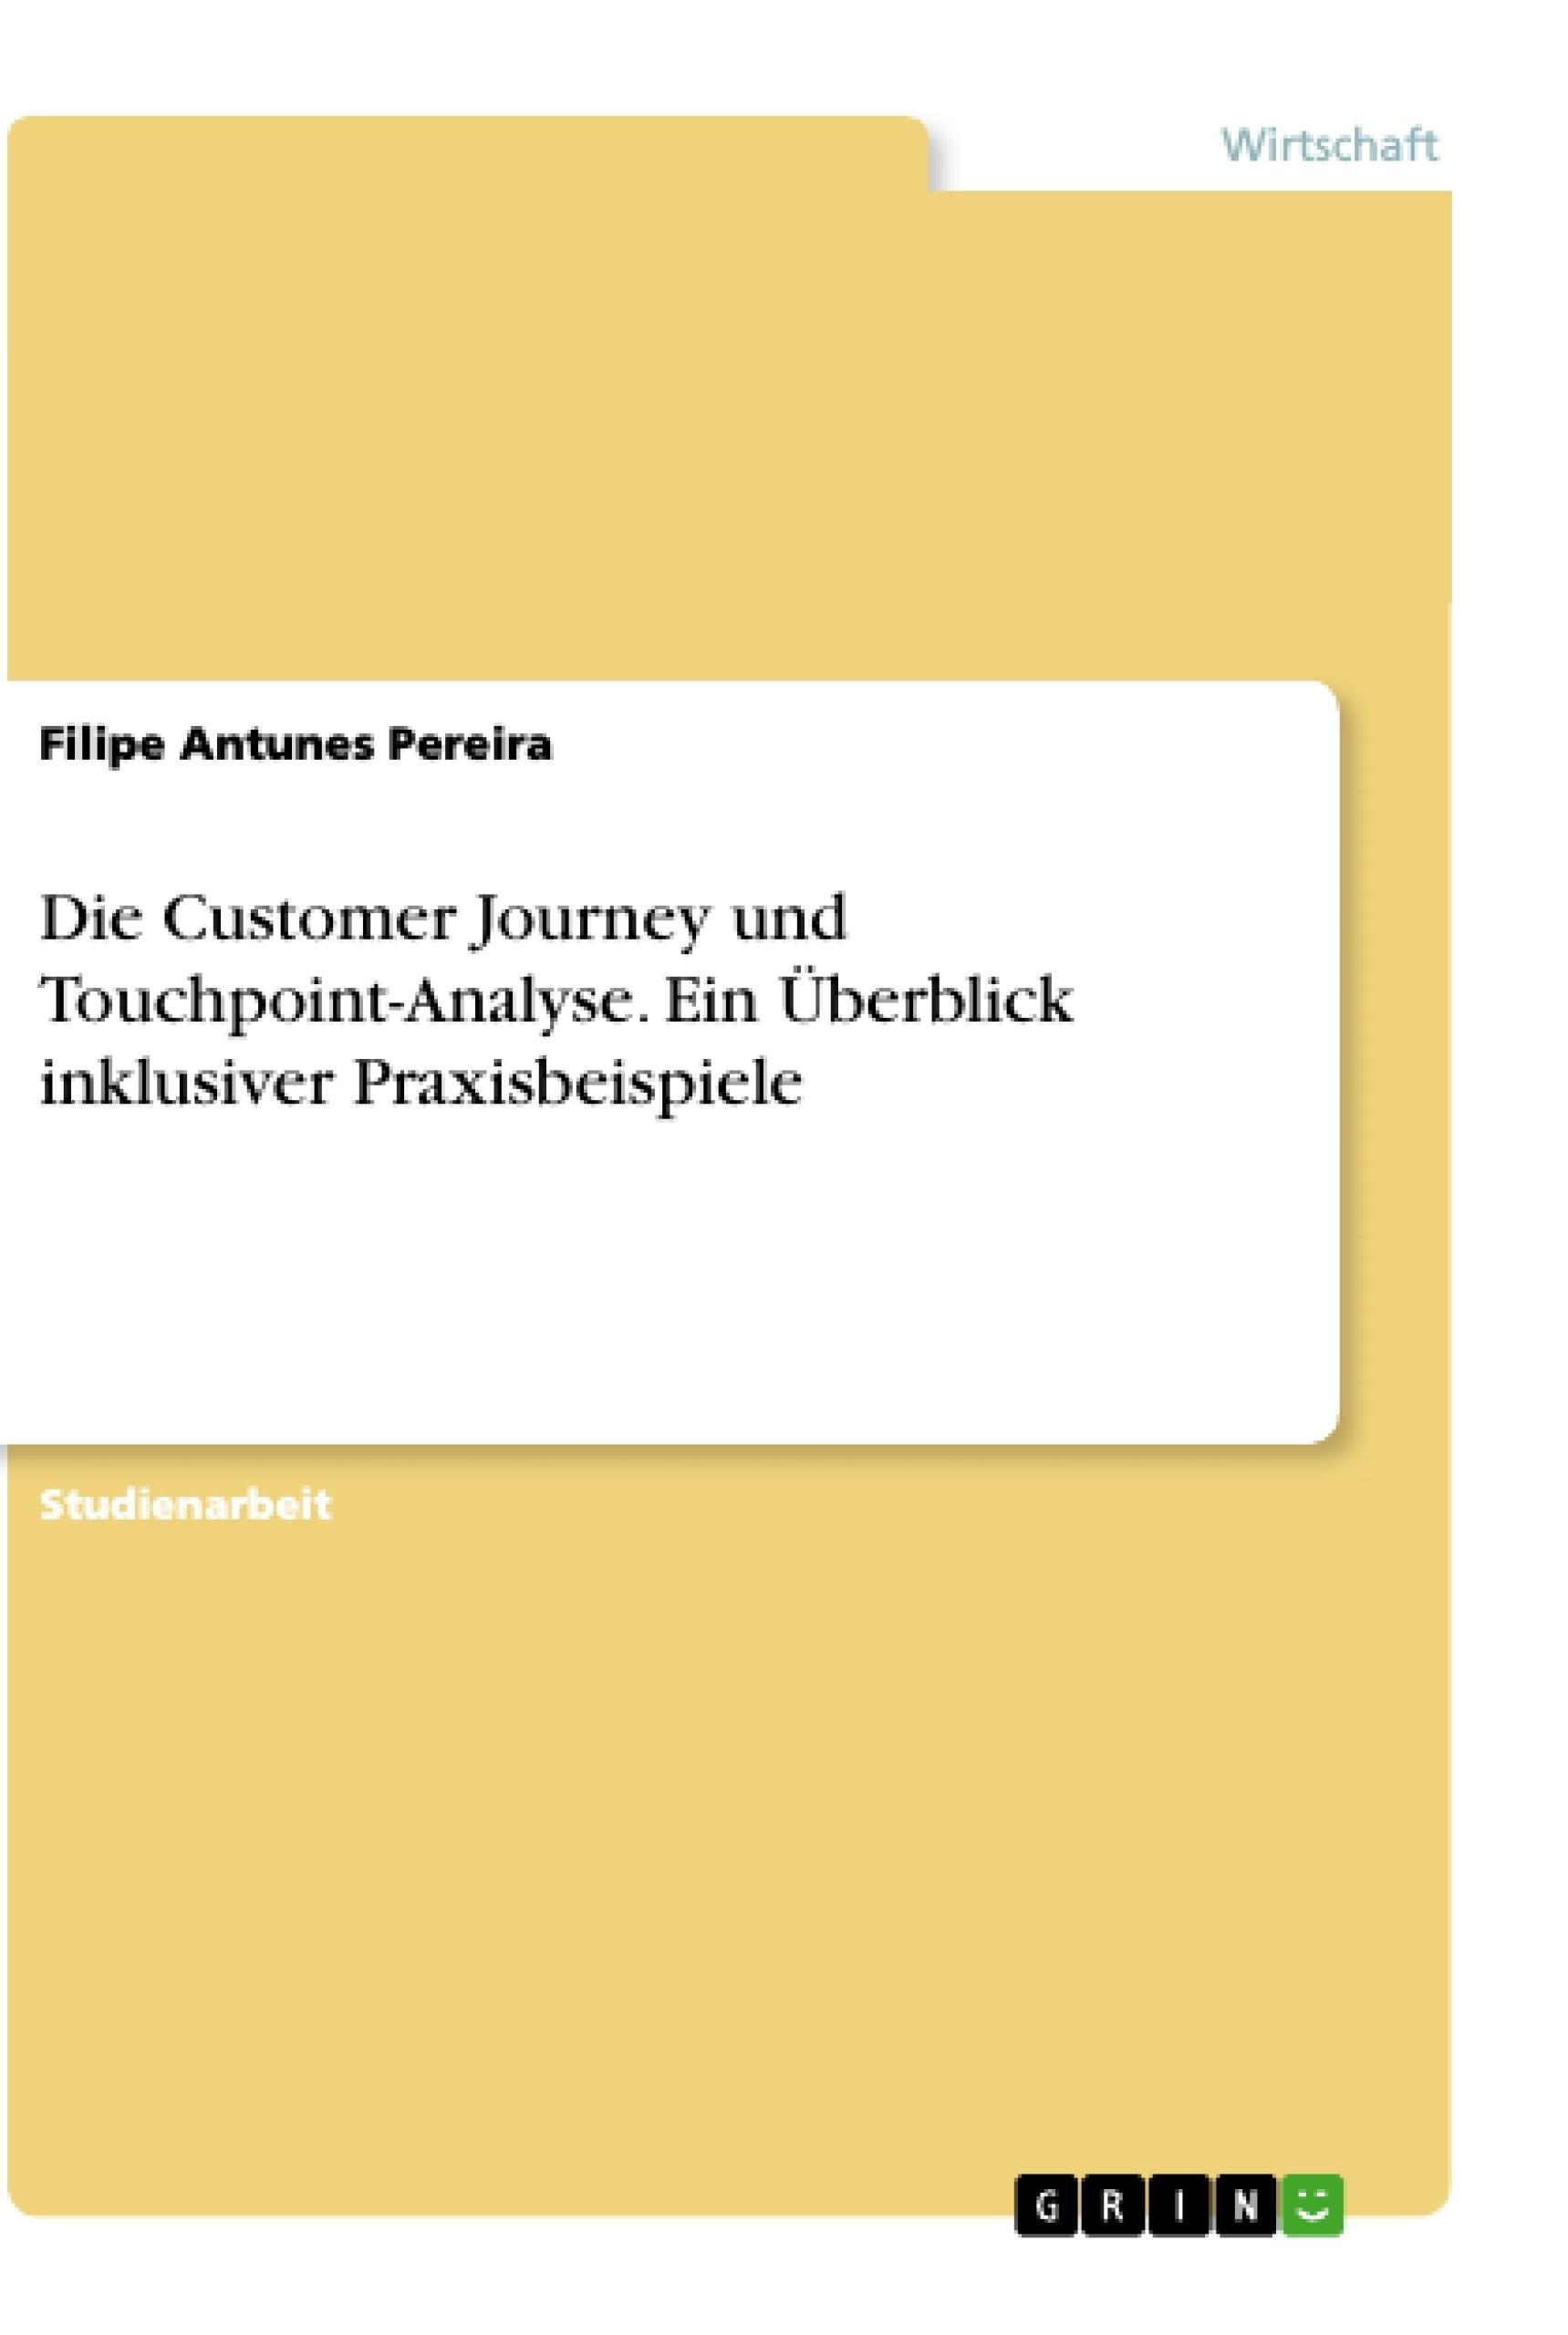 Titel: Die Customer Journey und Touchpoint-Analyse. Ein Überblick inklusiver Praxisbeispiele